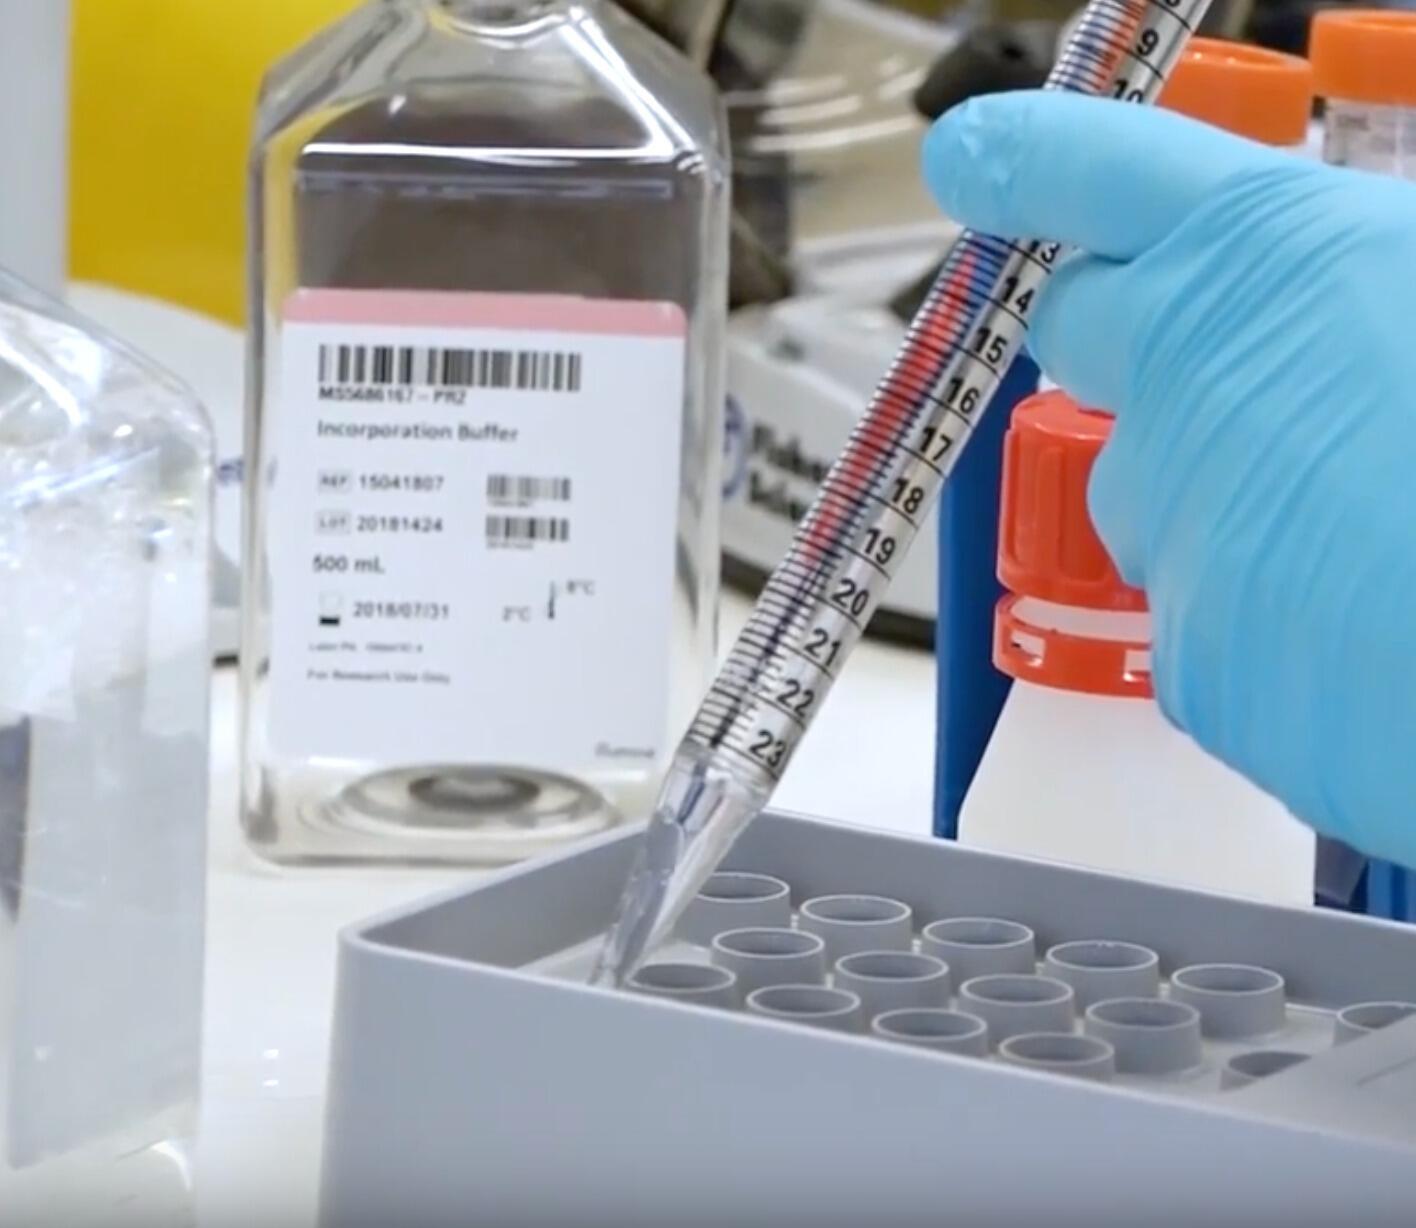 Laboratorio de Microbilogía Universidad de Burgos (España)